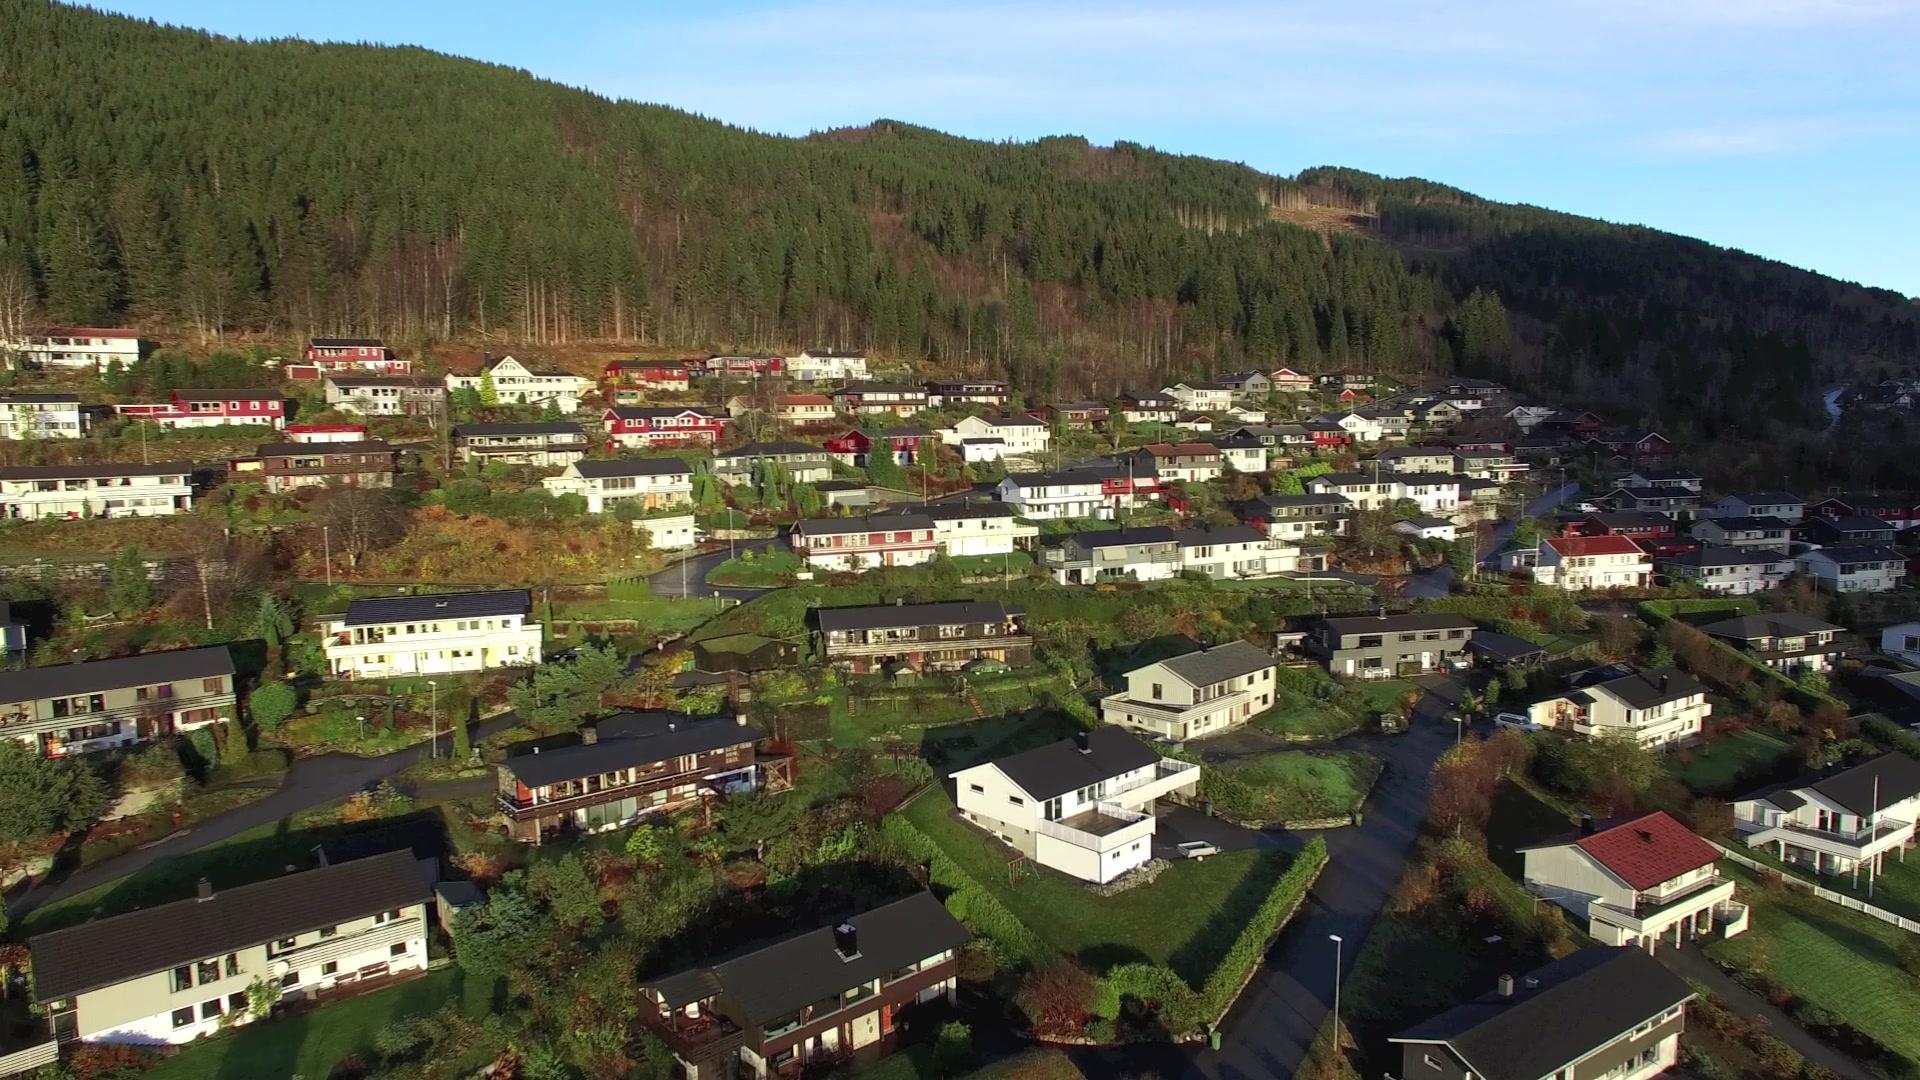 Røyslid/Heltne